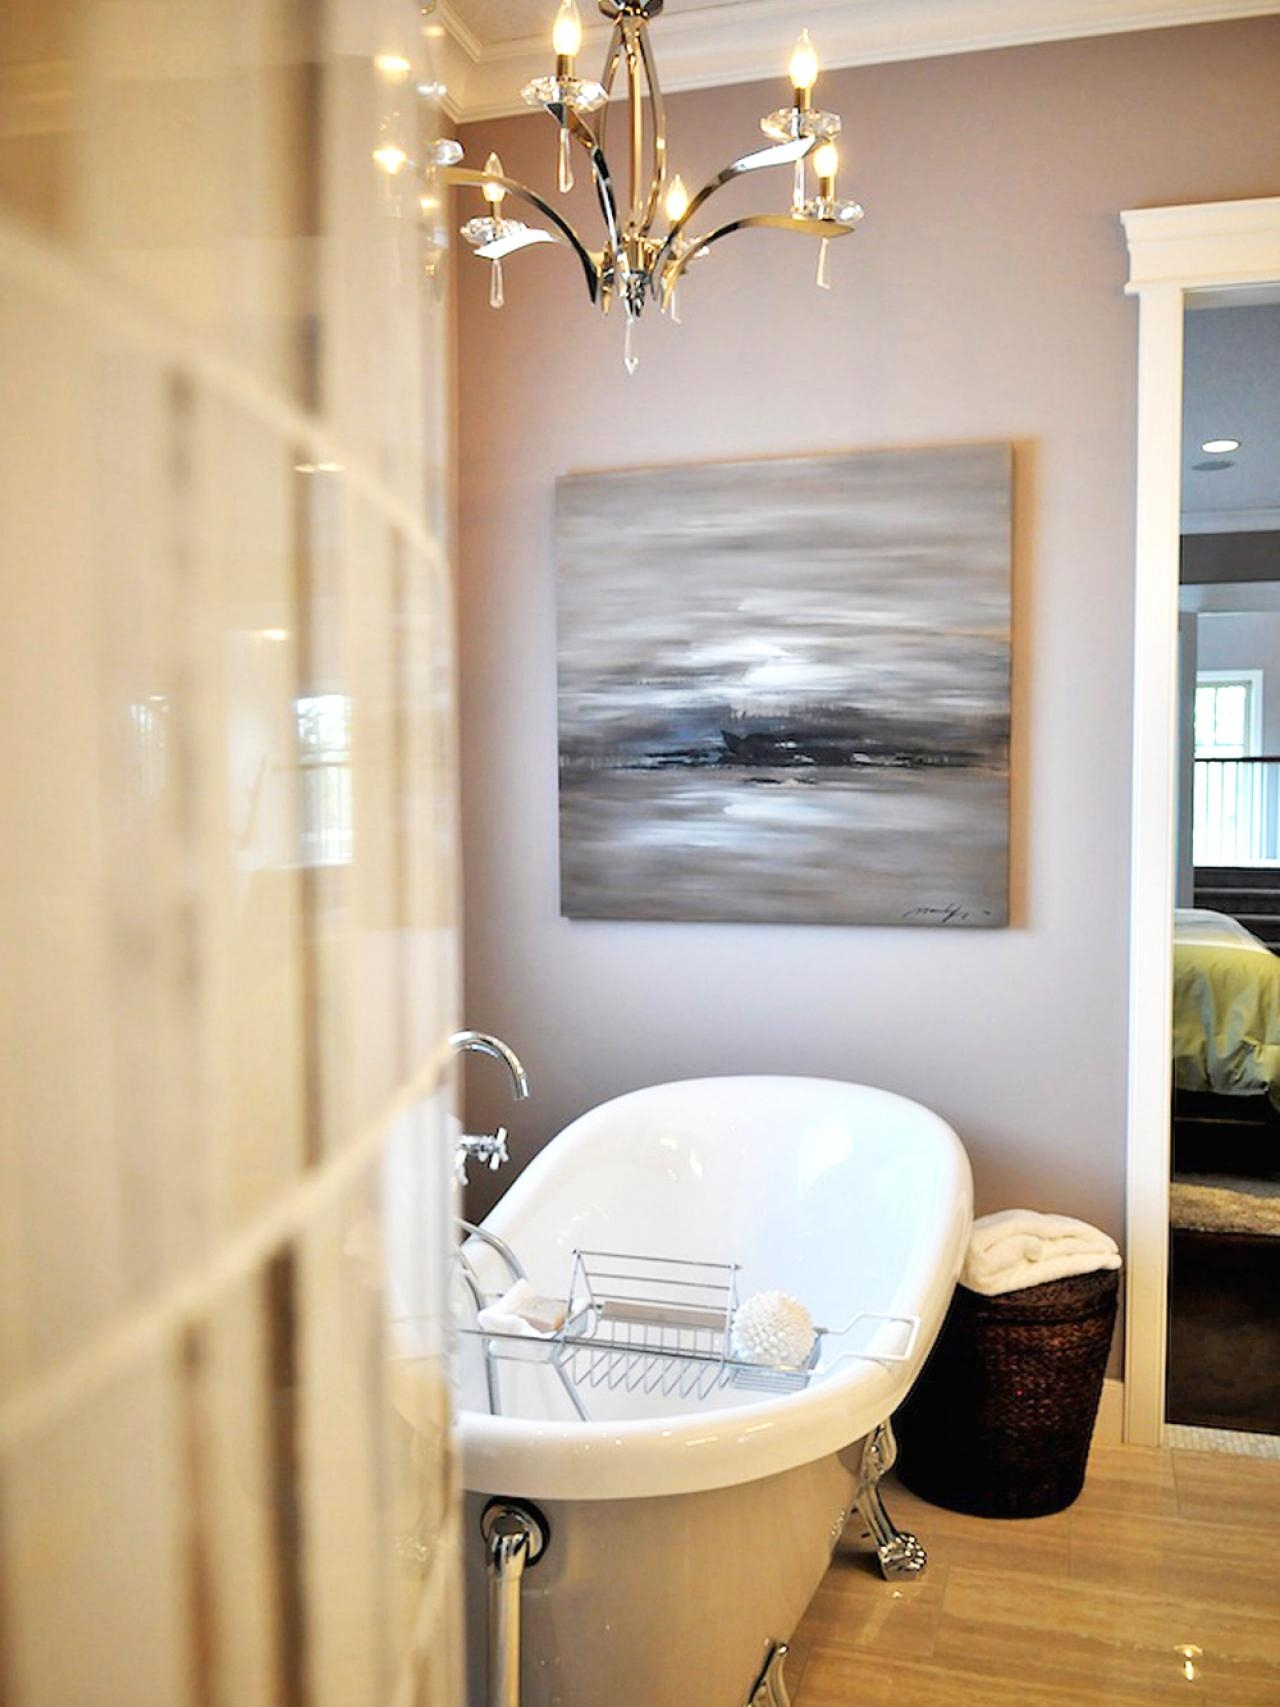 Bathroom Lighting Fixtures Hgtv Regarding Bathroom Lighting Chandeliers (Image 10 of 25)